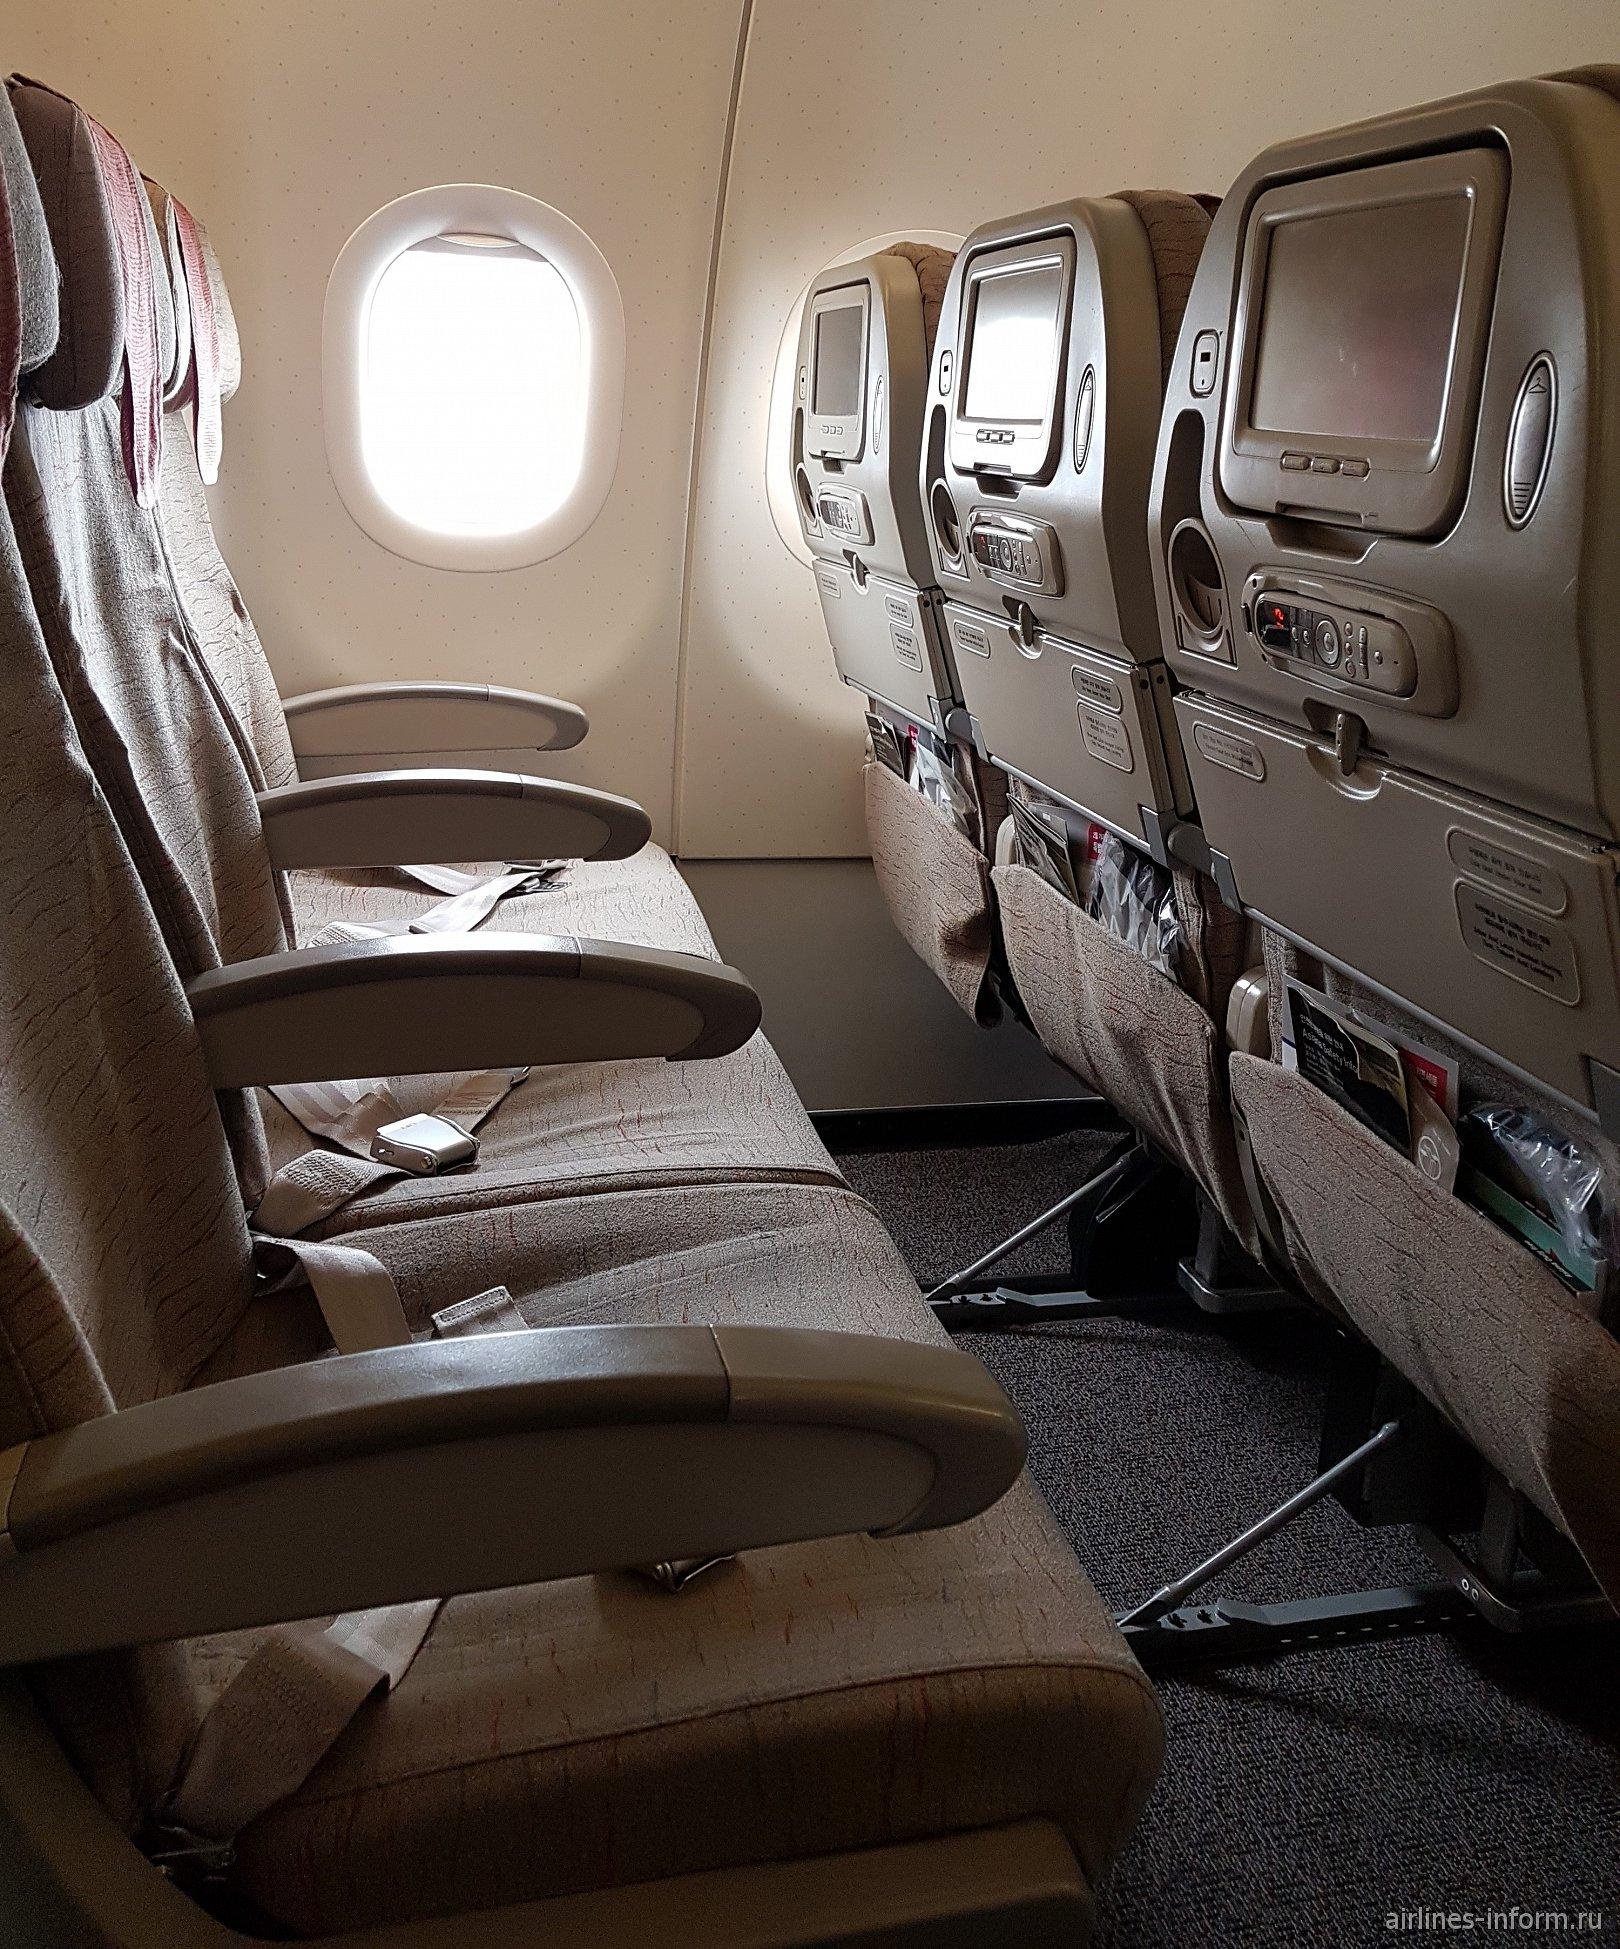 Кресла эконом-класса в Airbus A321 авиакомпании Asiana Airlines